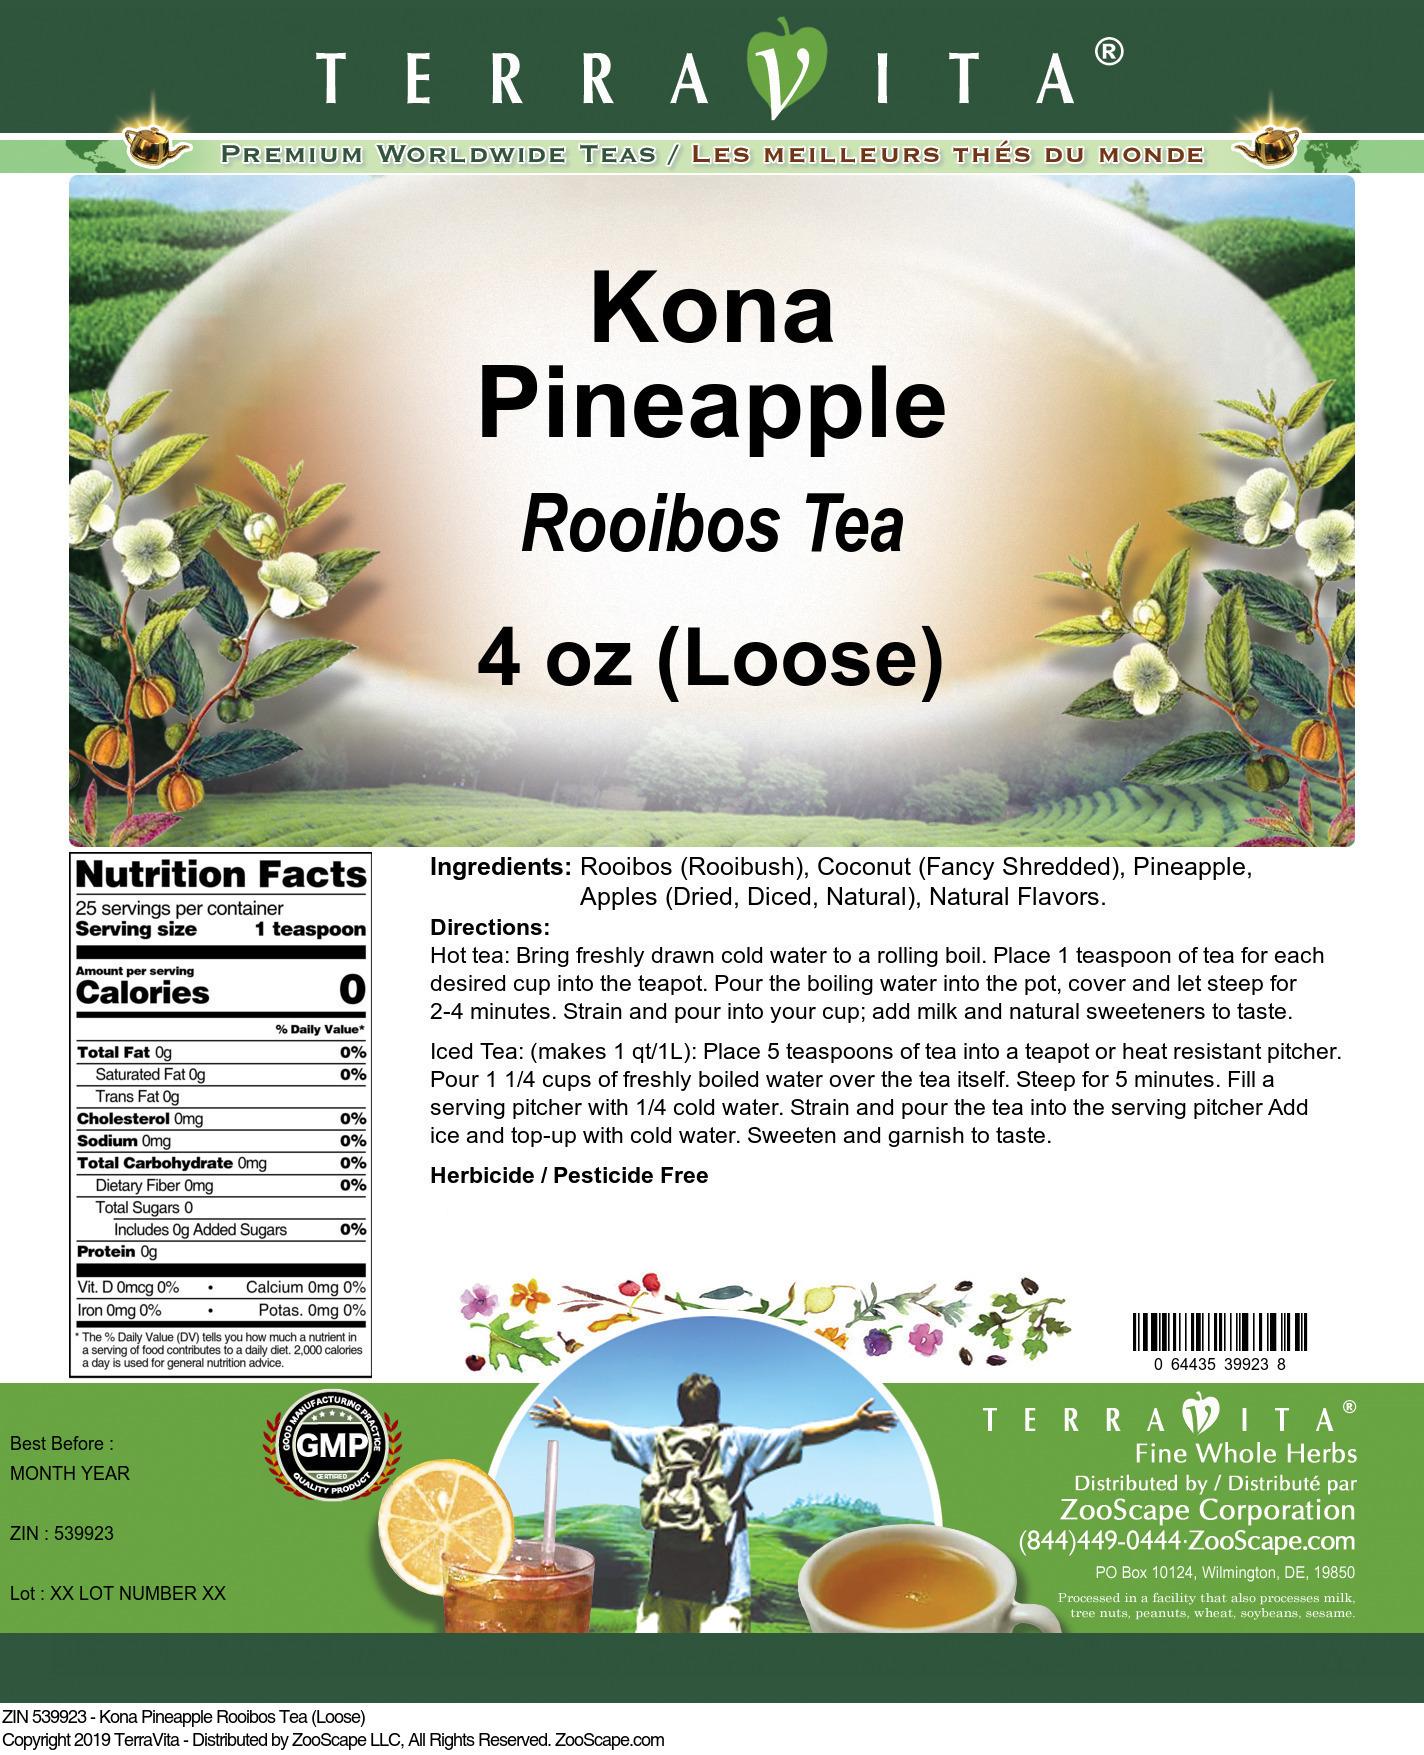 Kona Pineapple Rooibos Tea (Loose)